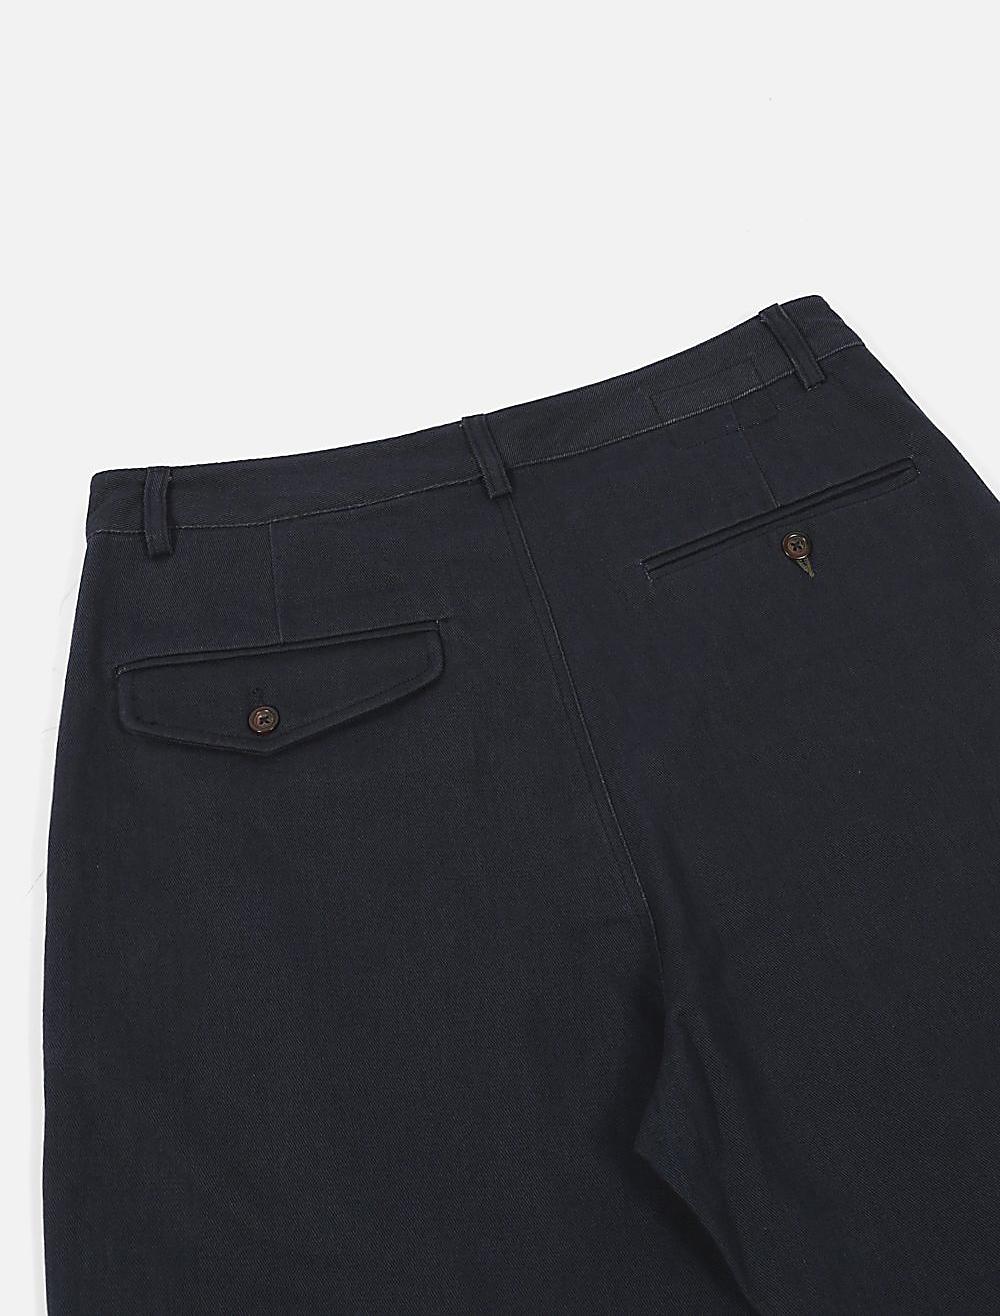 Universal Works Plated Pant Soft Winter Twill Navy dettaglio tasche